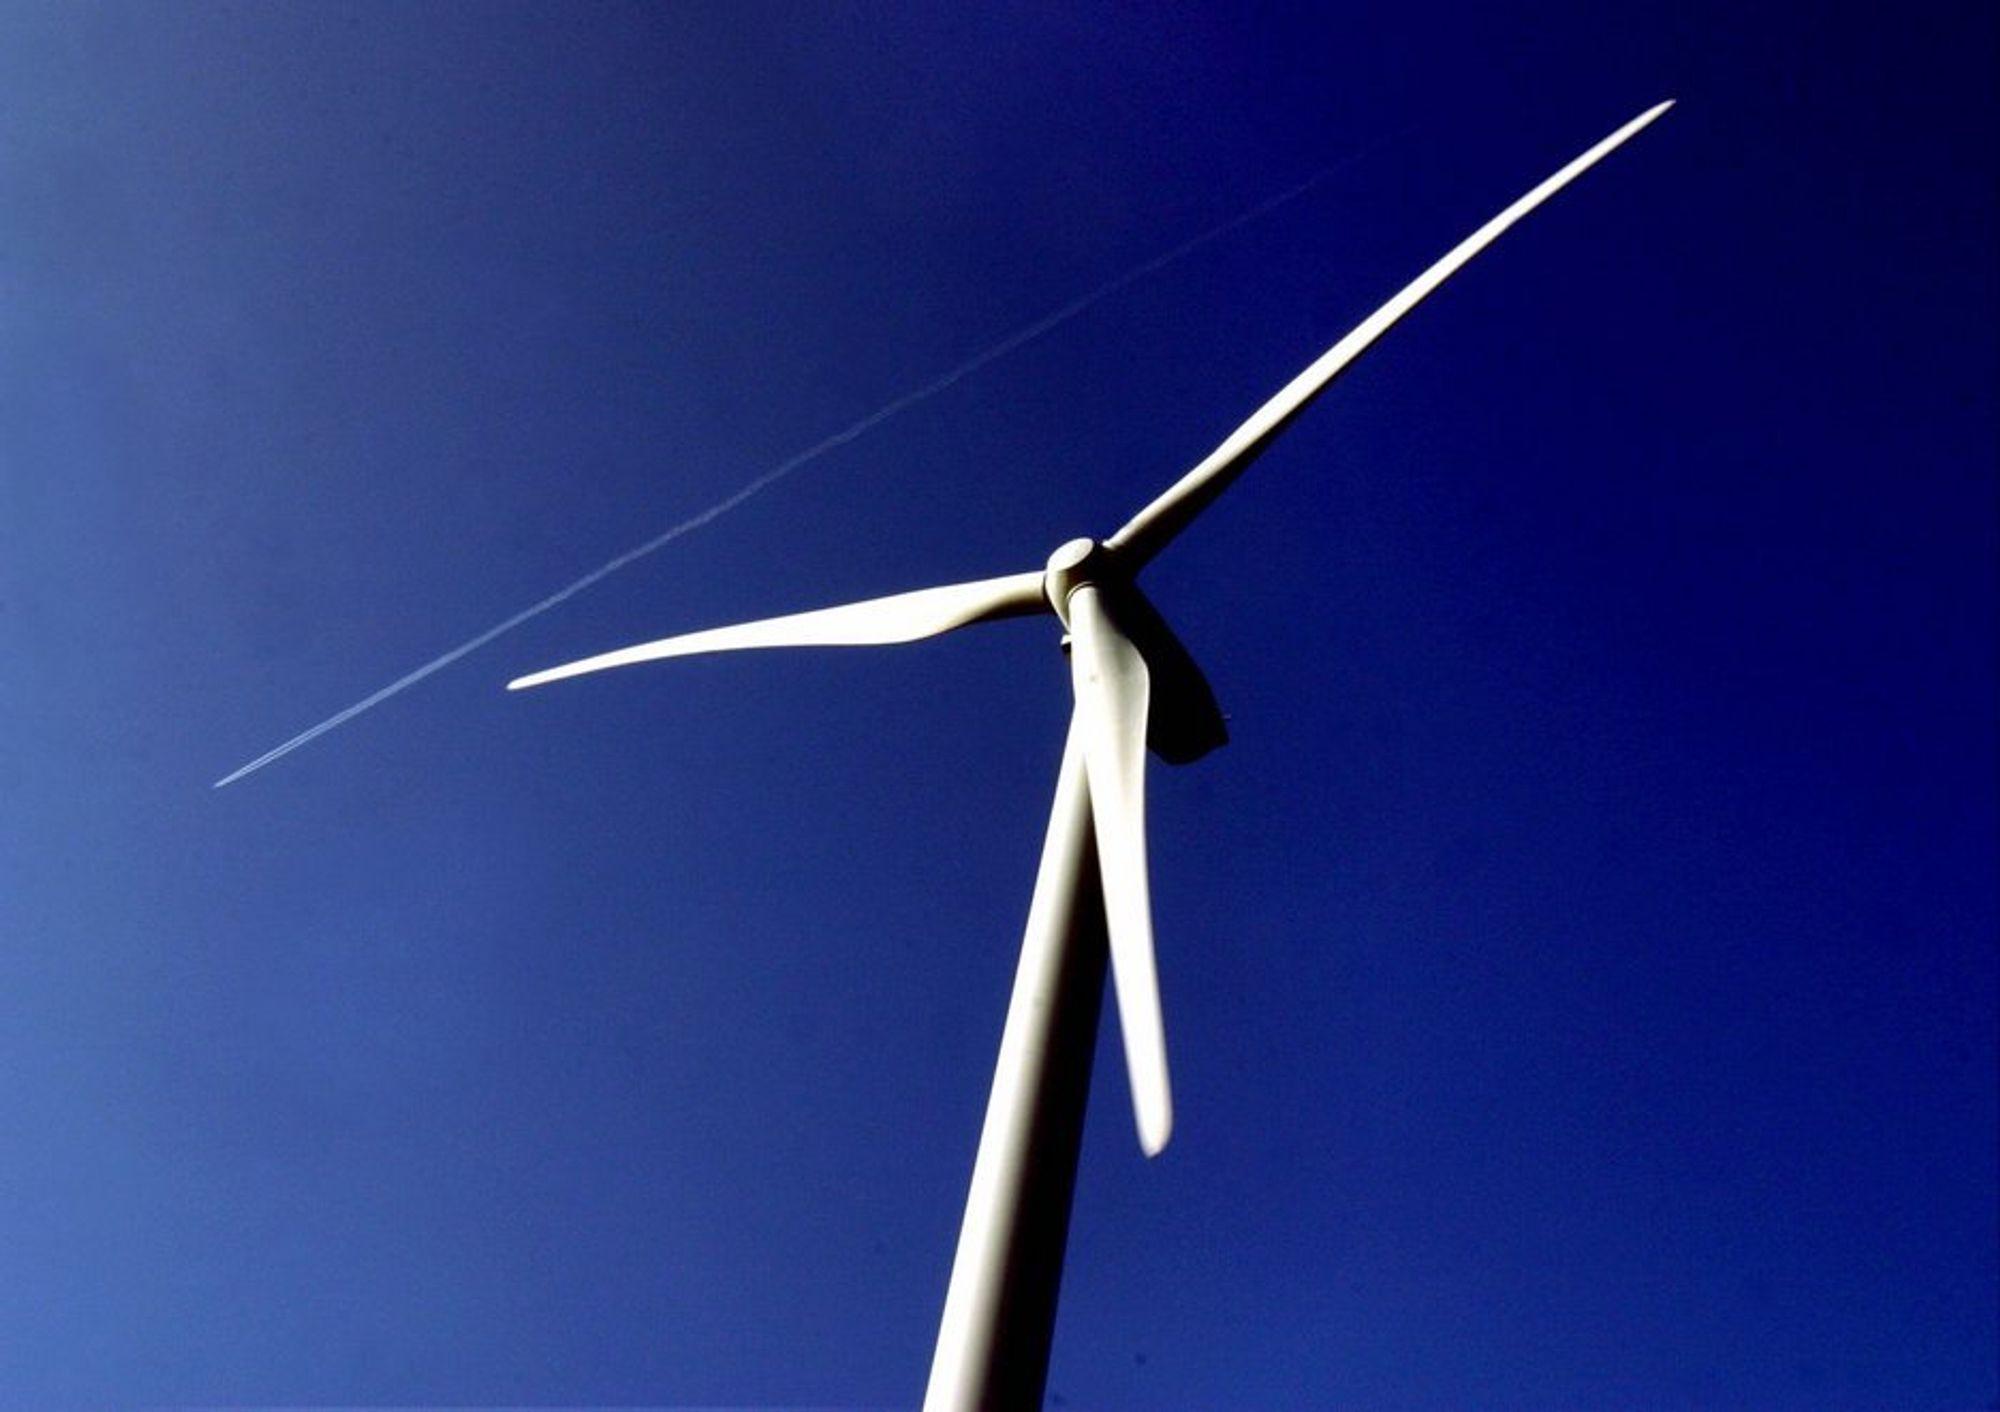 VENTETID: Finanskrisen har kuttet ventetiden på vindturbiner og svenkse bønder gleder seg.